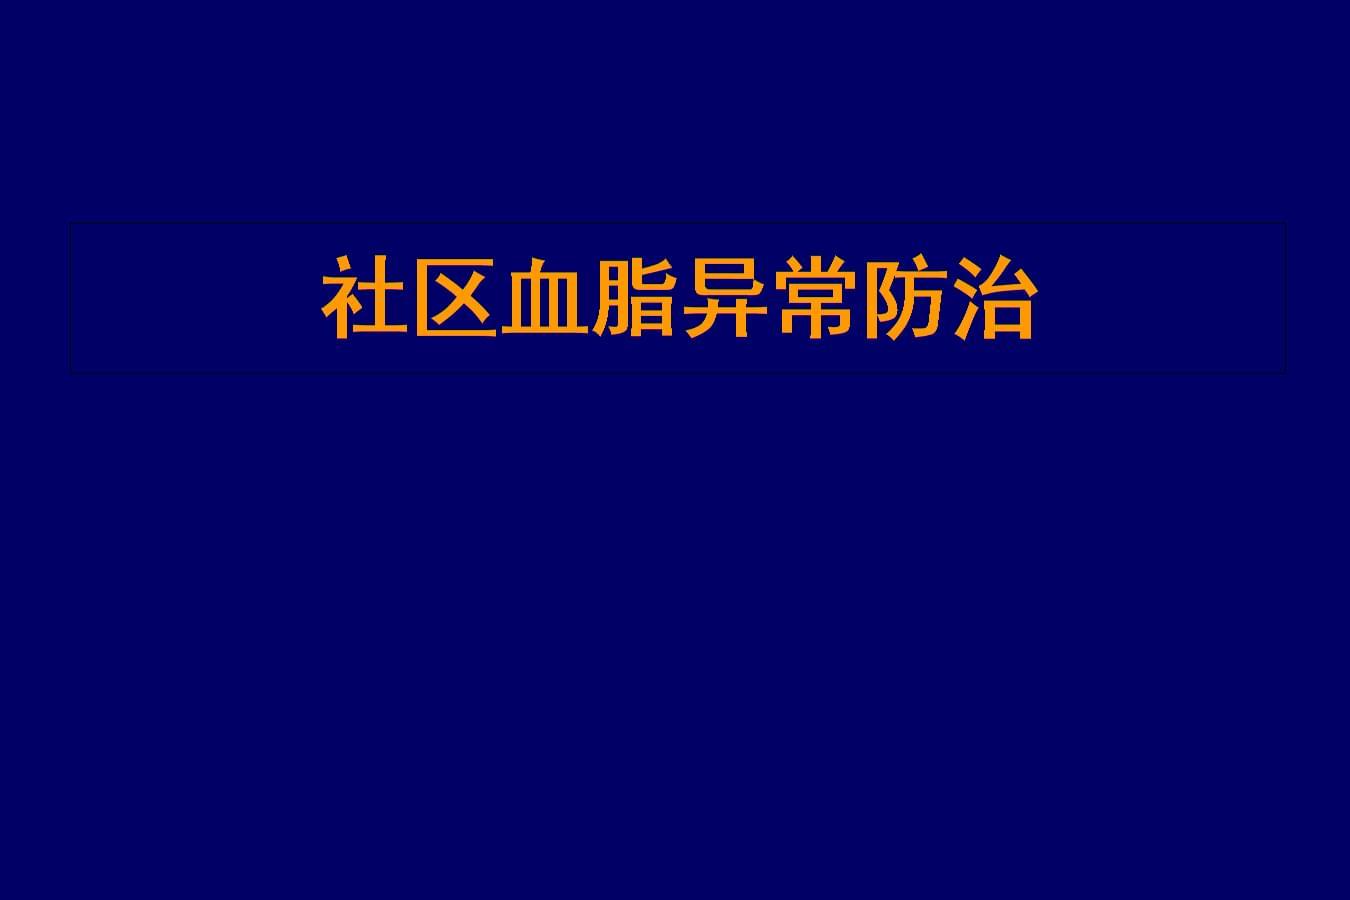 社区血脂异常防治课件.pptx